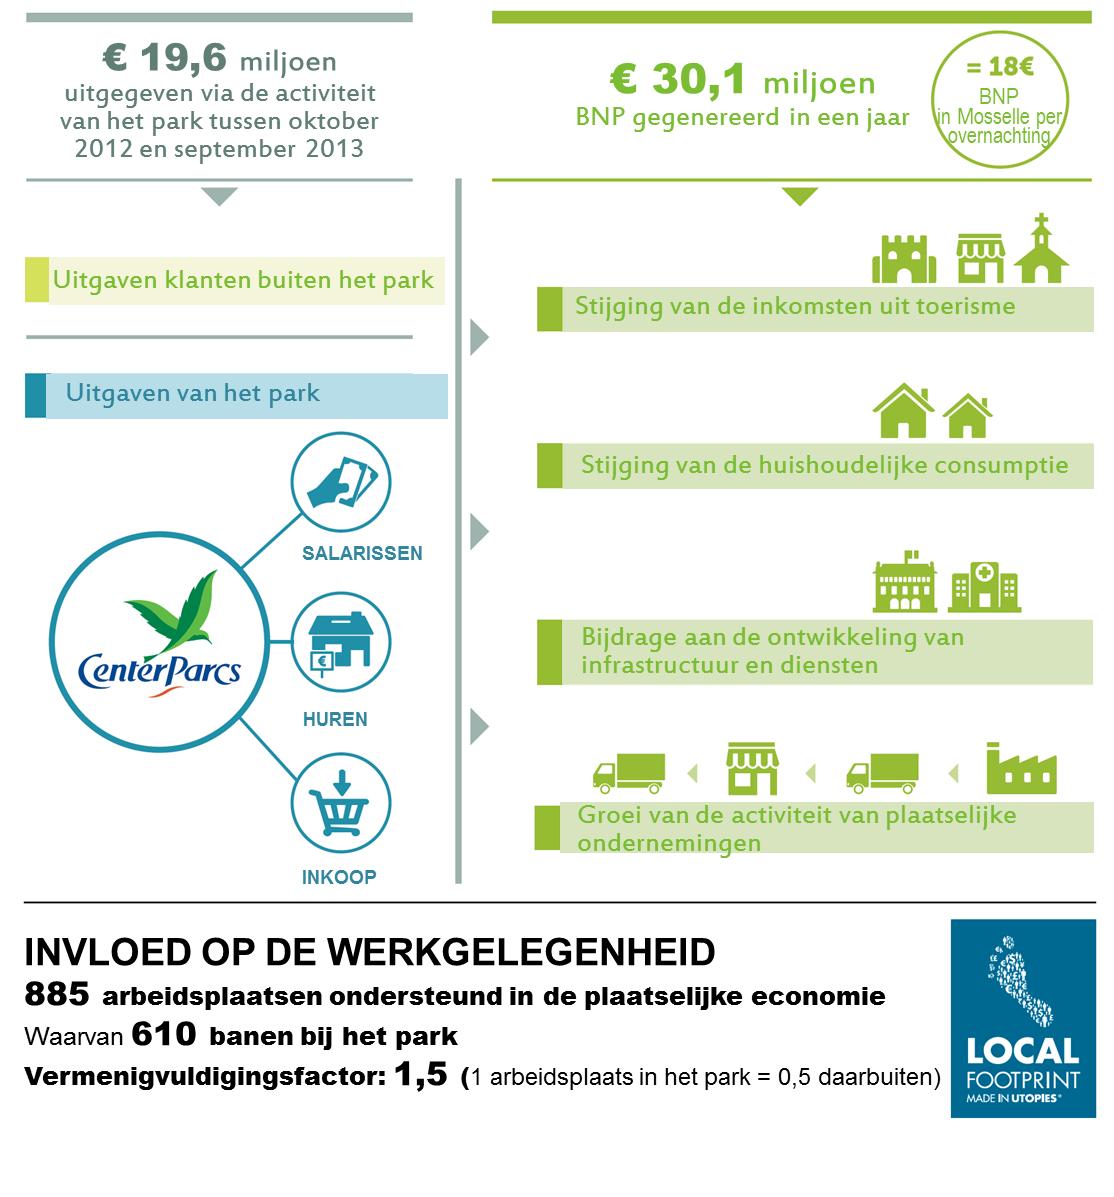 Invloed op de plaatselijke economie (Lorraine en Elzas)